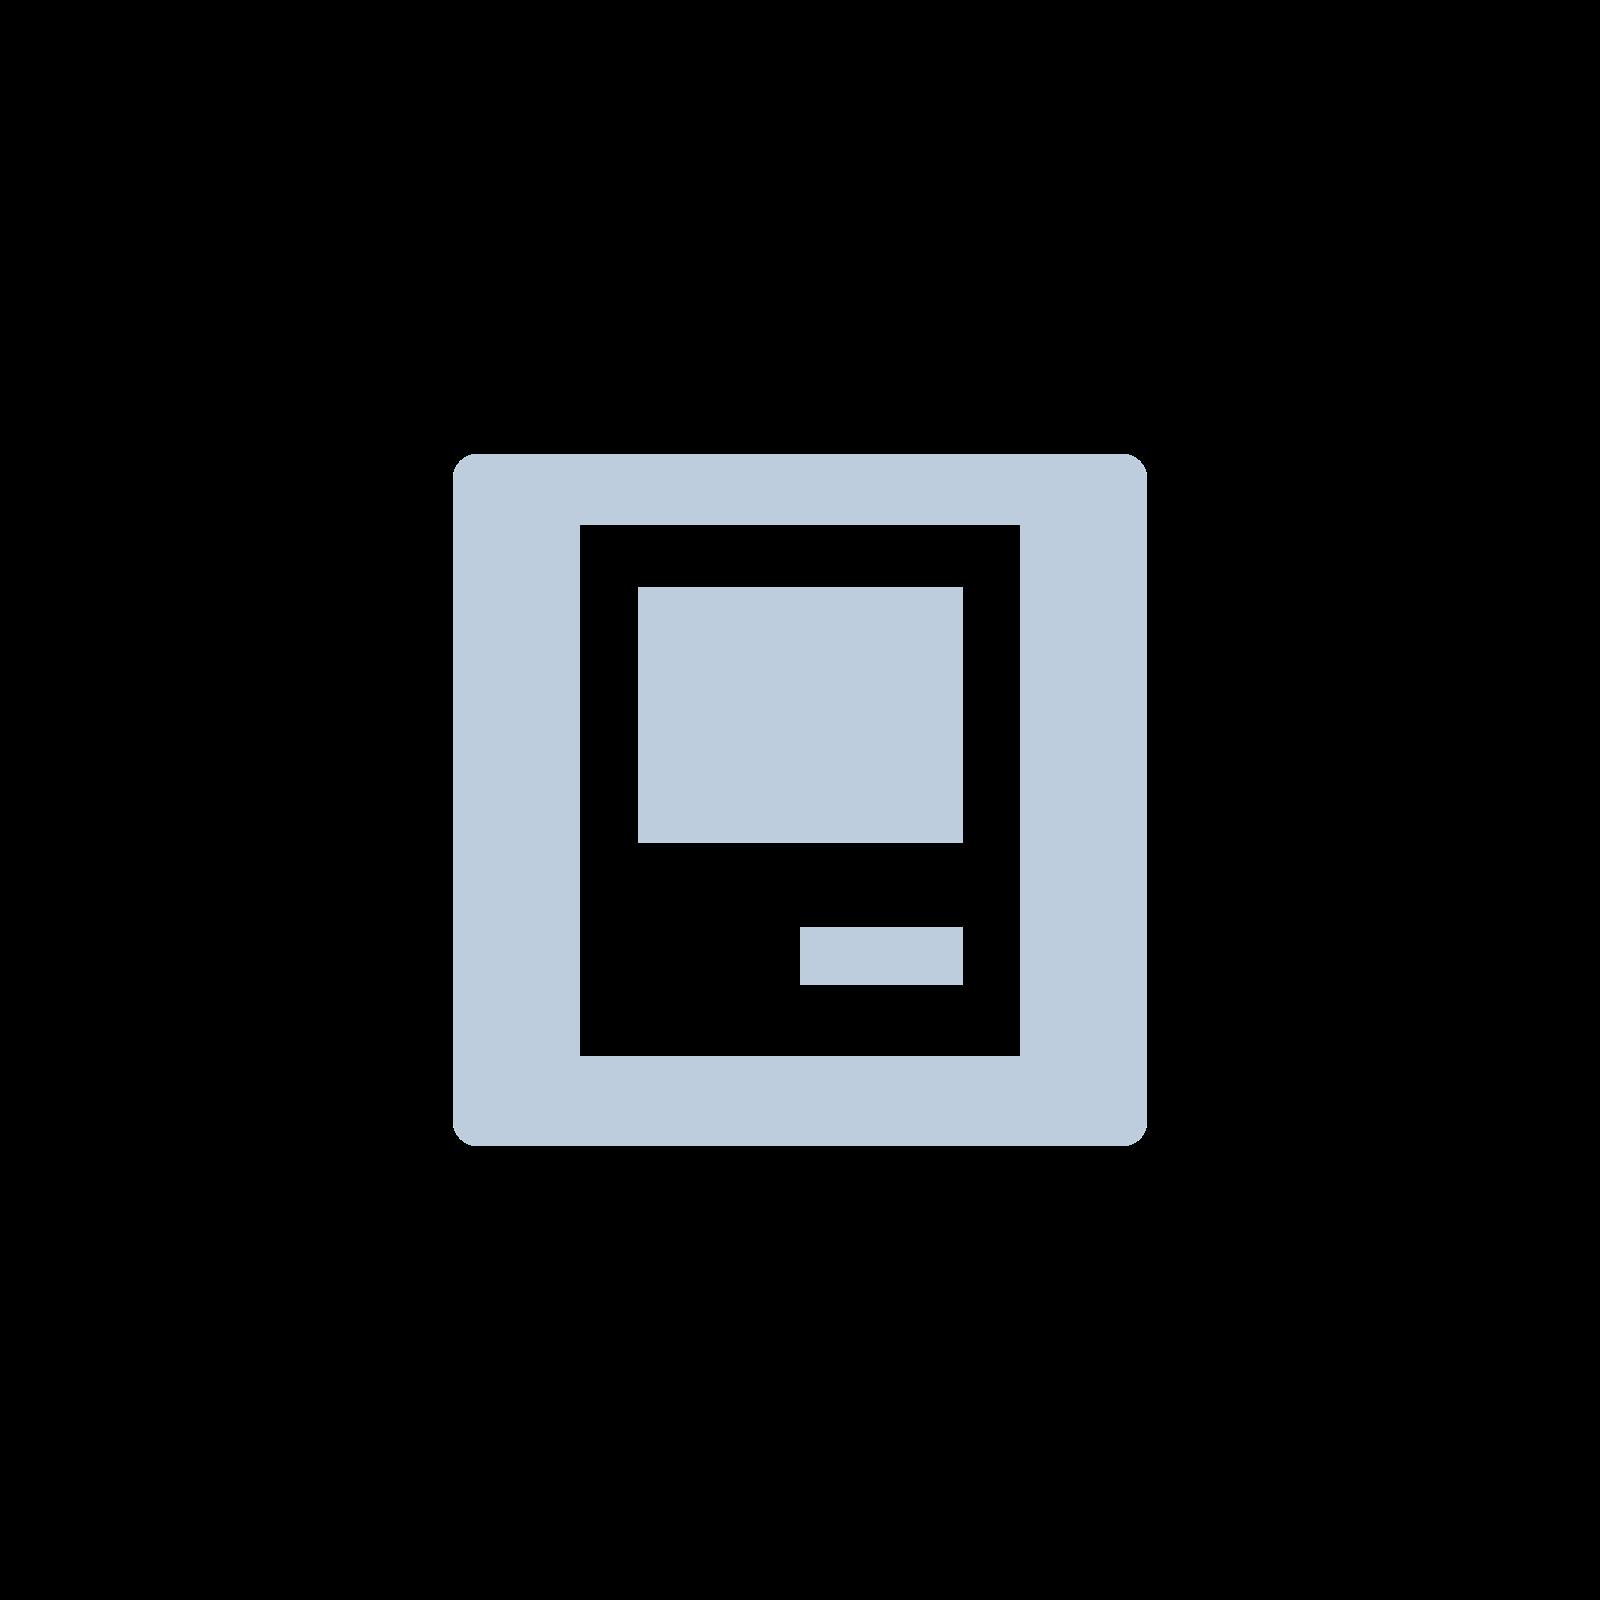 iPad Air 16GB Wi-Fi + Cellular Space Grau